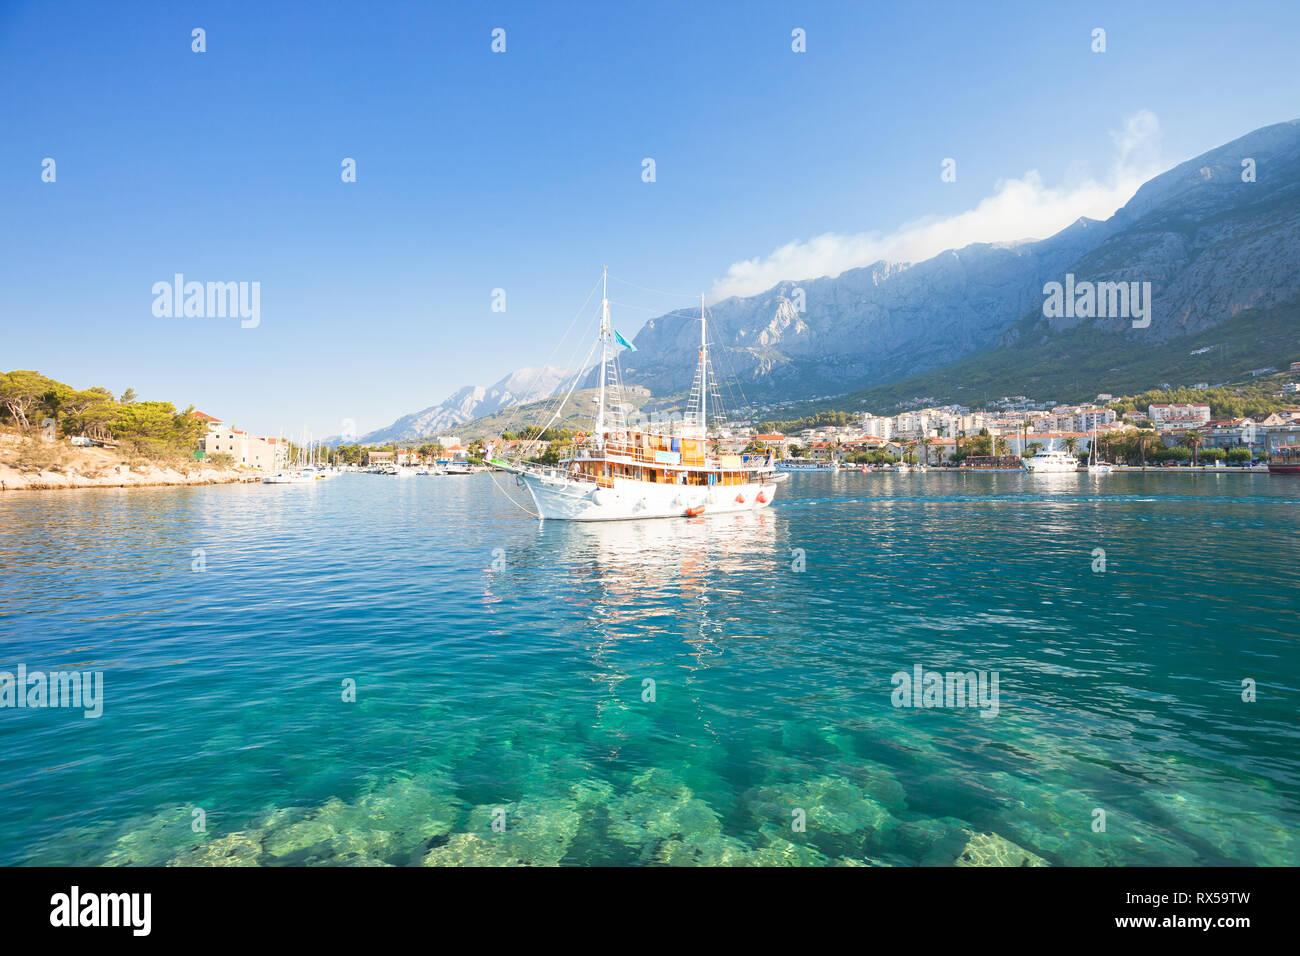 Makarska, Dalmatien, Kroatien, Europa - eine touristische Party Boot aus dem Hafen von Makarska. Stockfoto